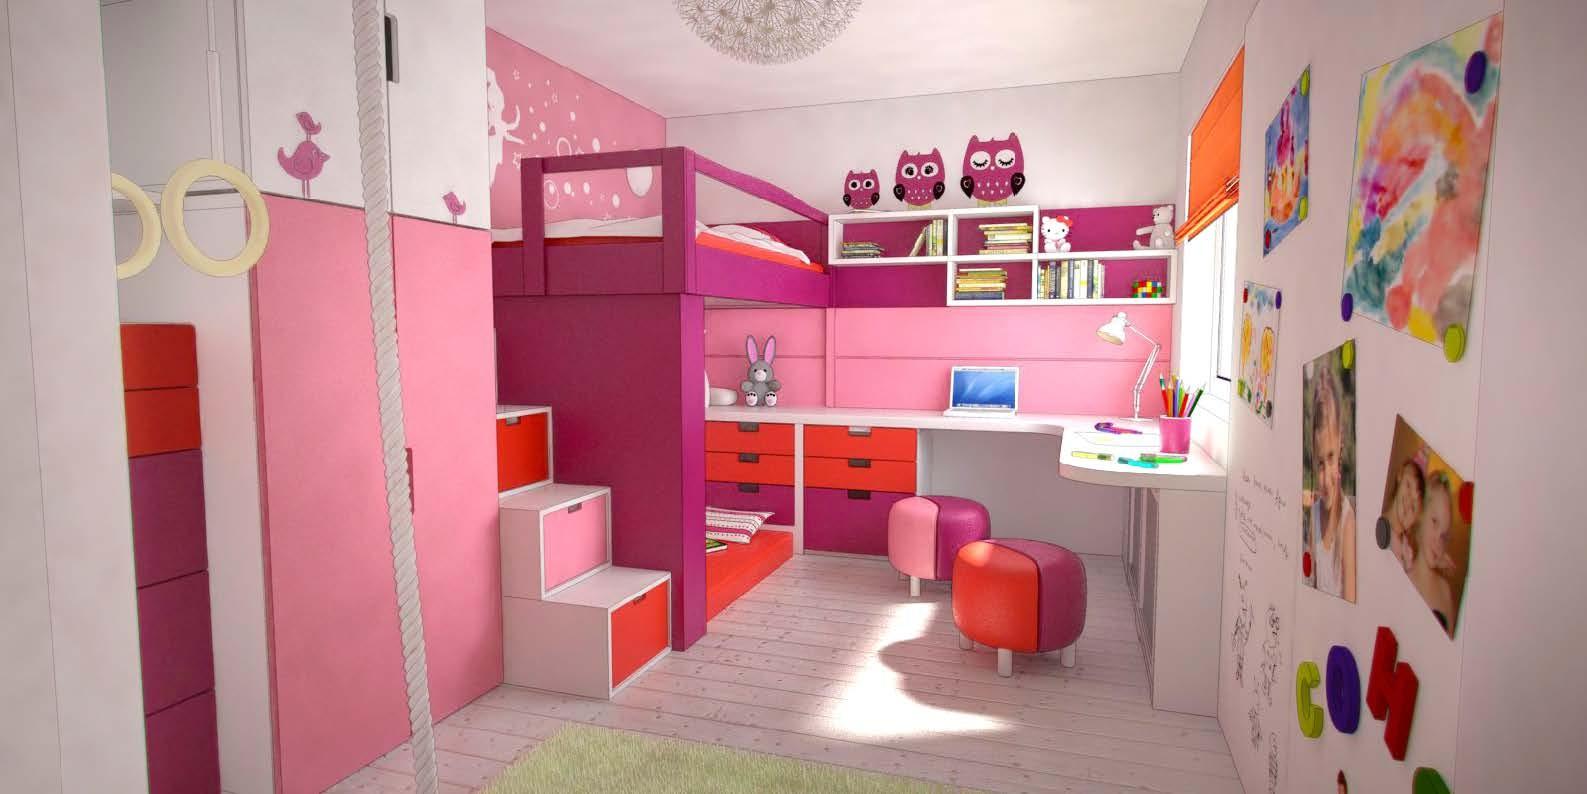 Фото дизайн интерьер детской комнаты для девочки